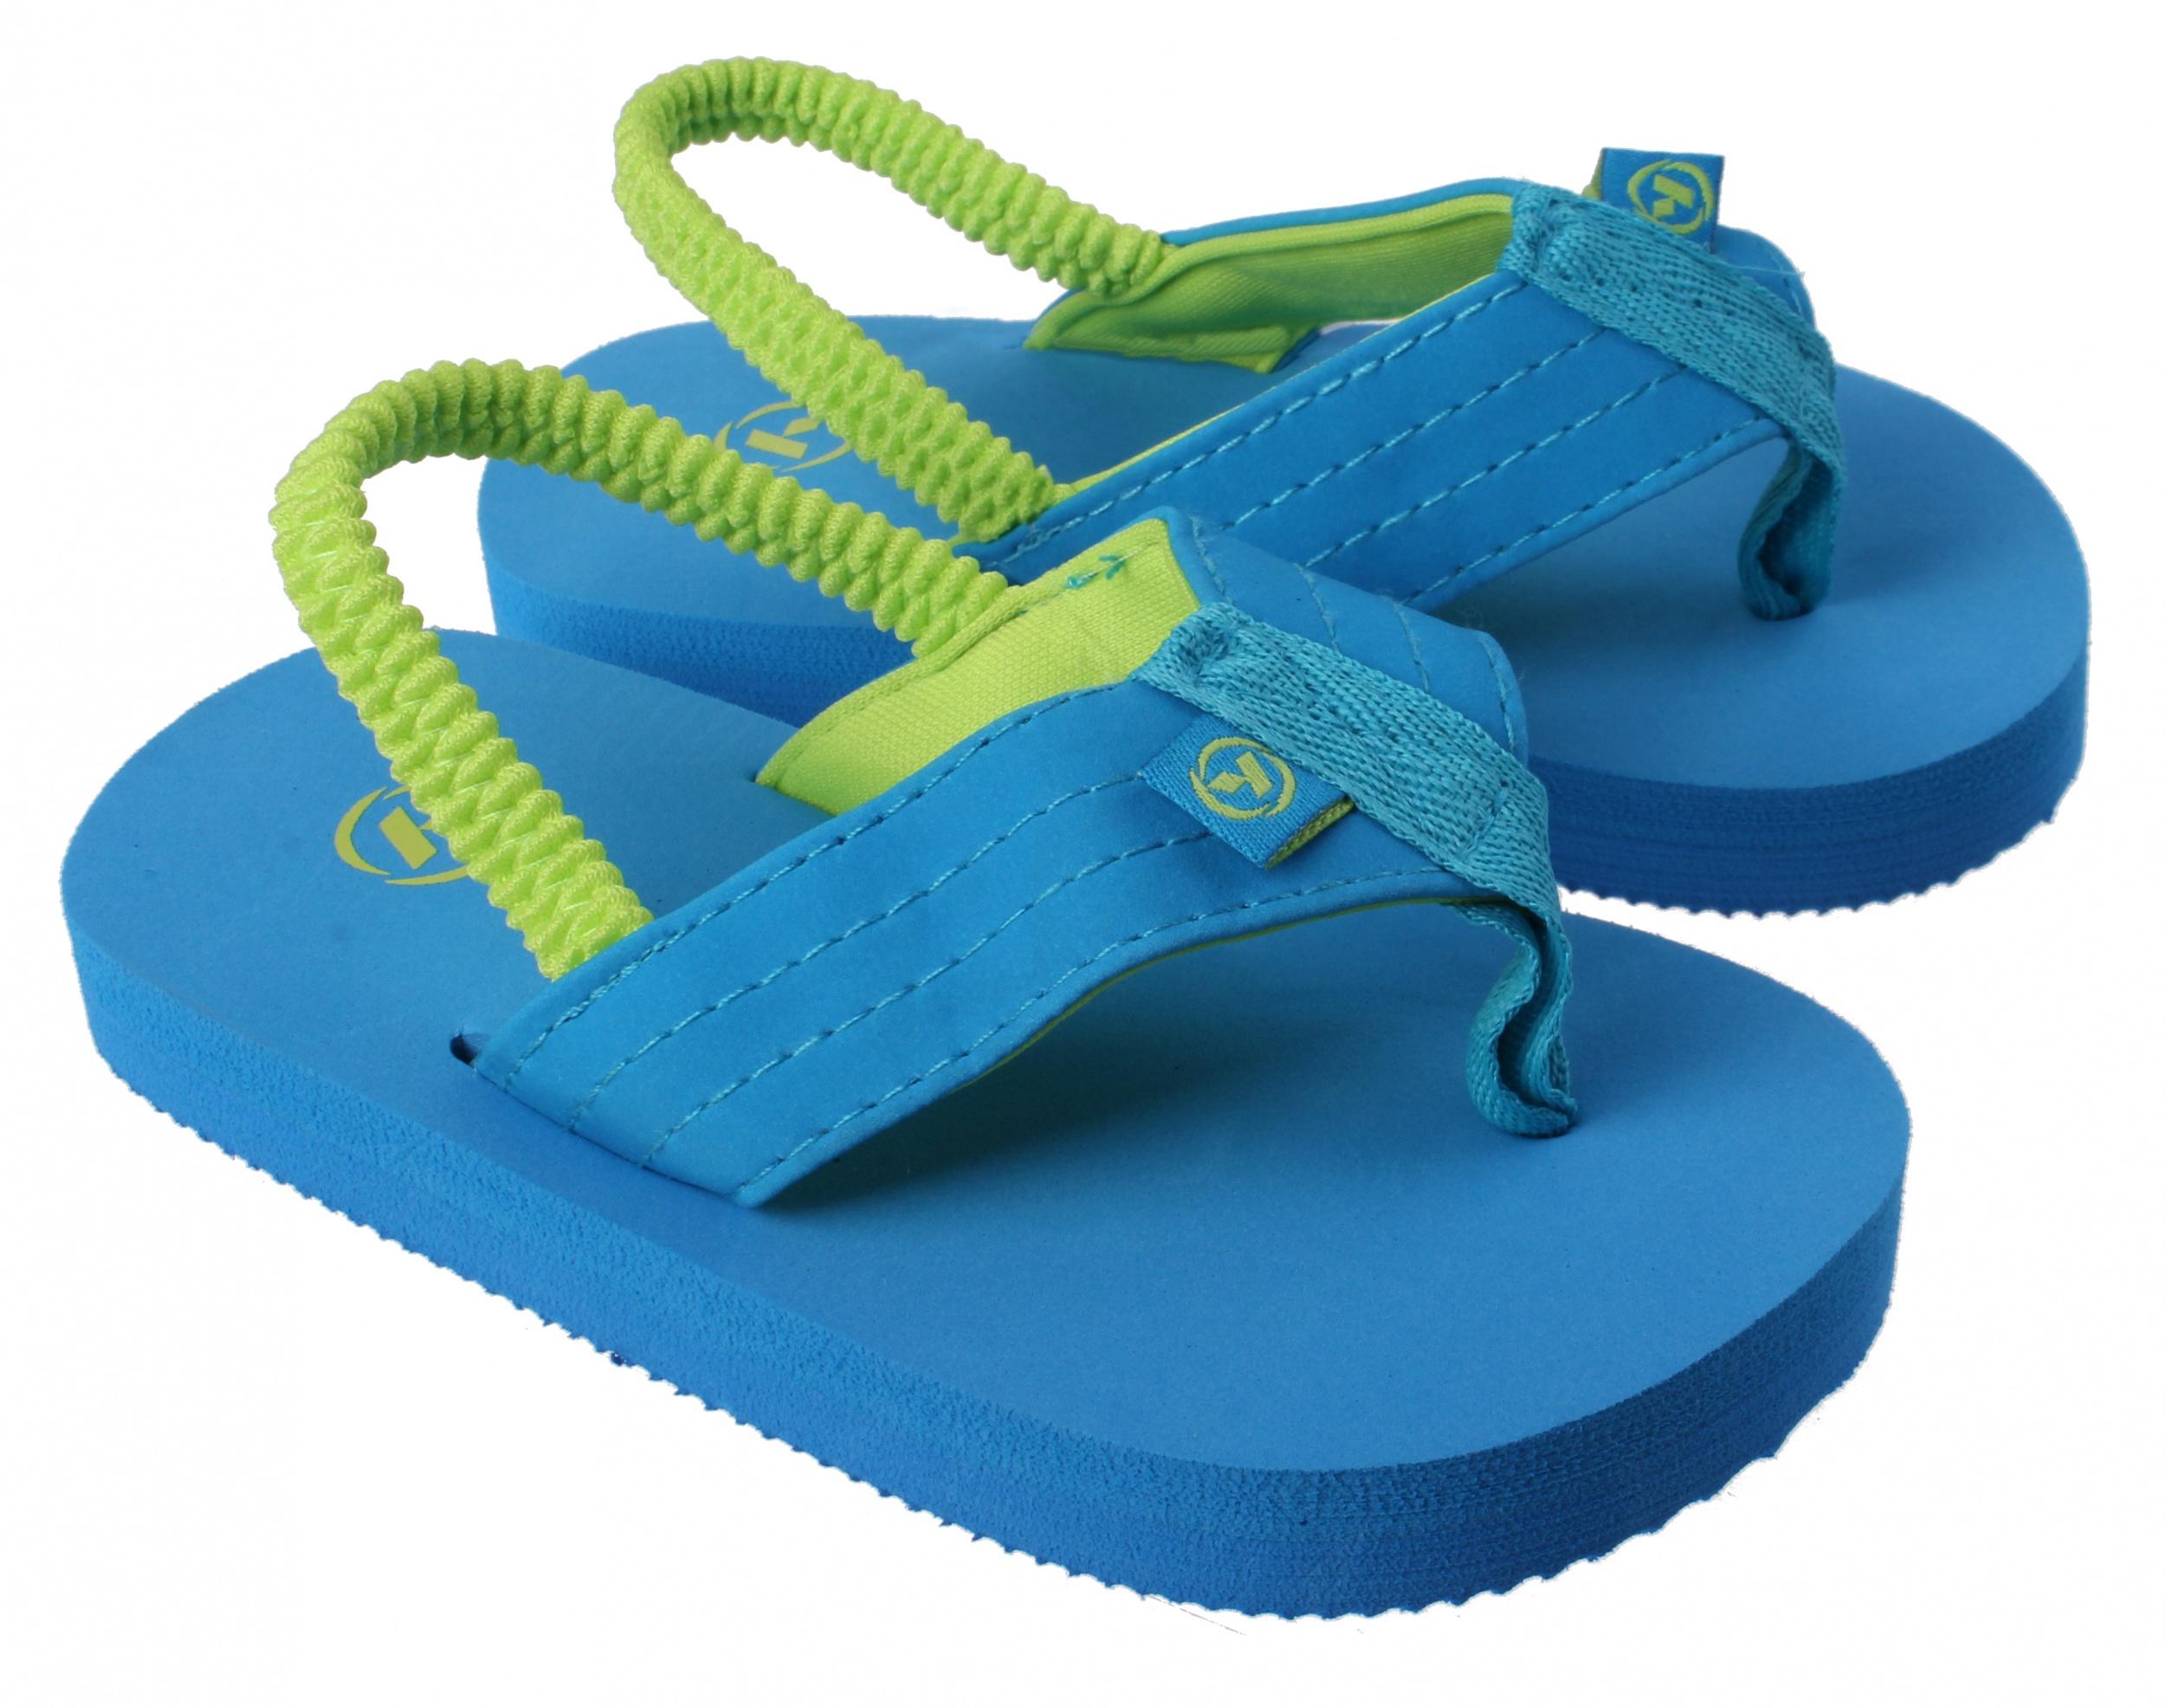 cb43ff6b0 Yello boys flip flops blue - Internet-Sport Casuals